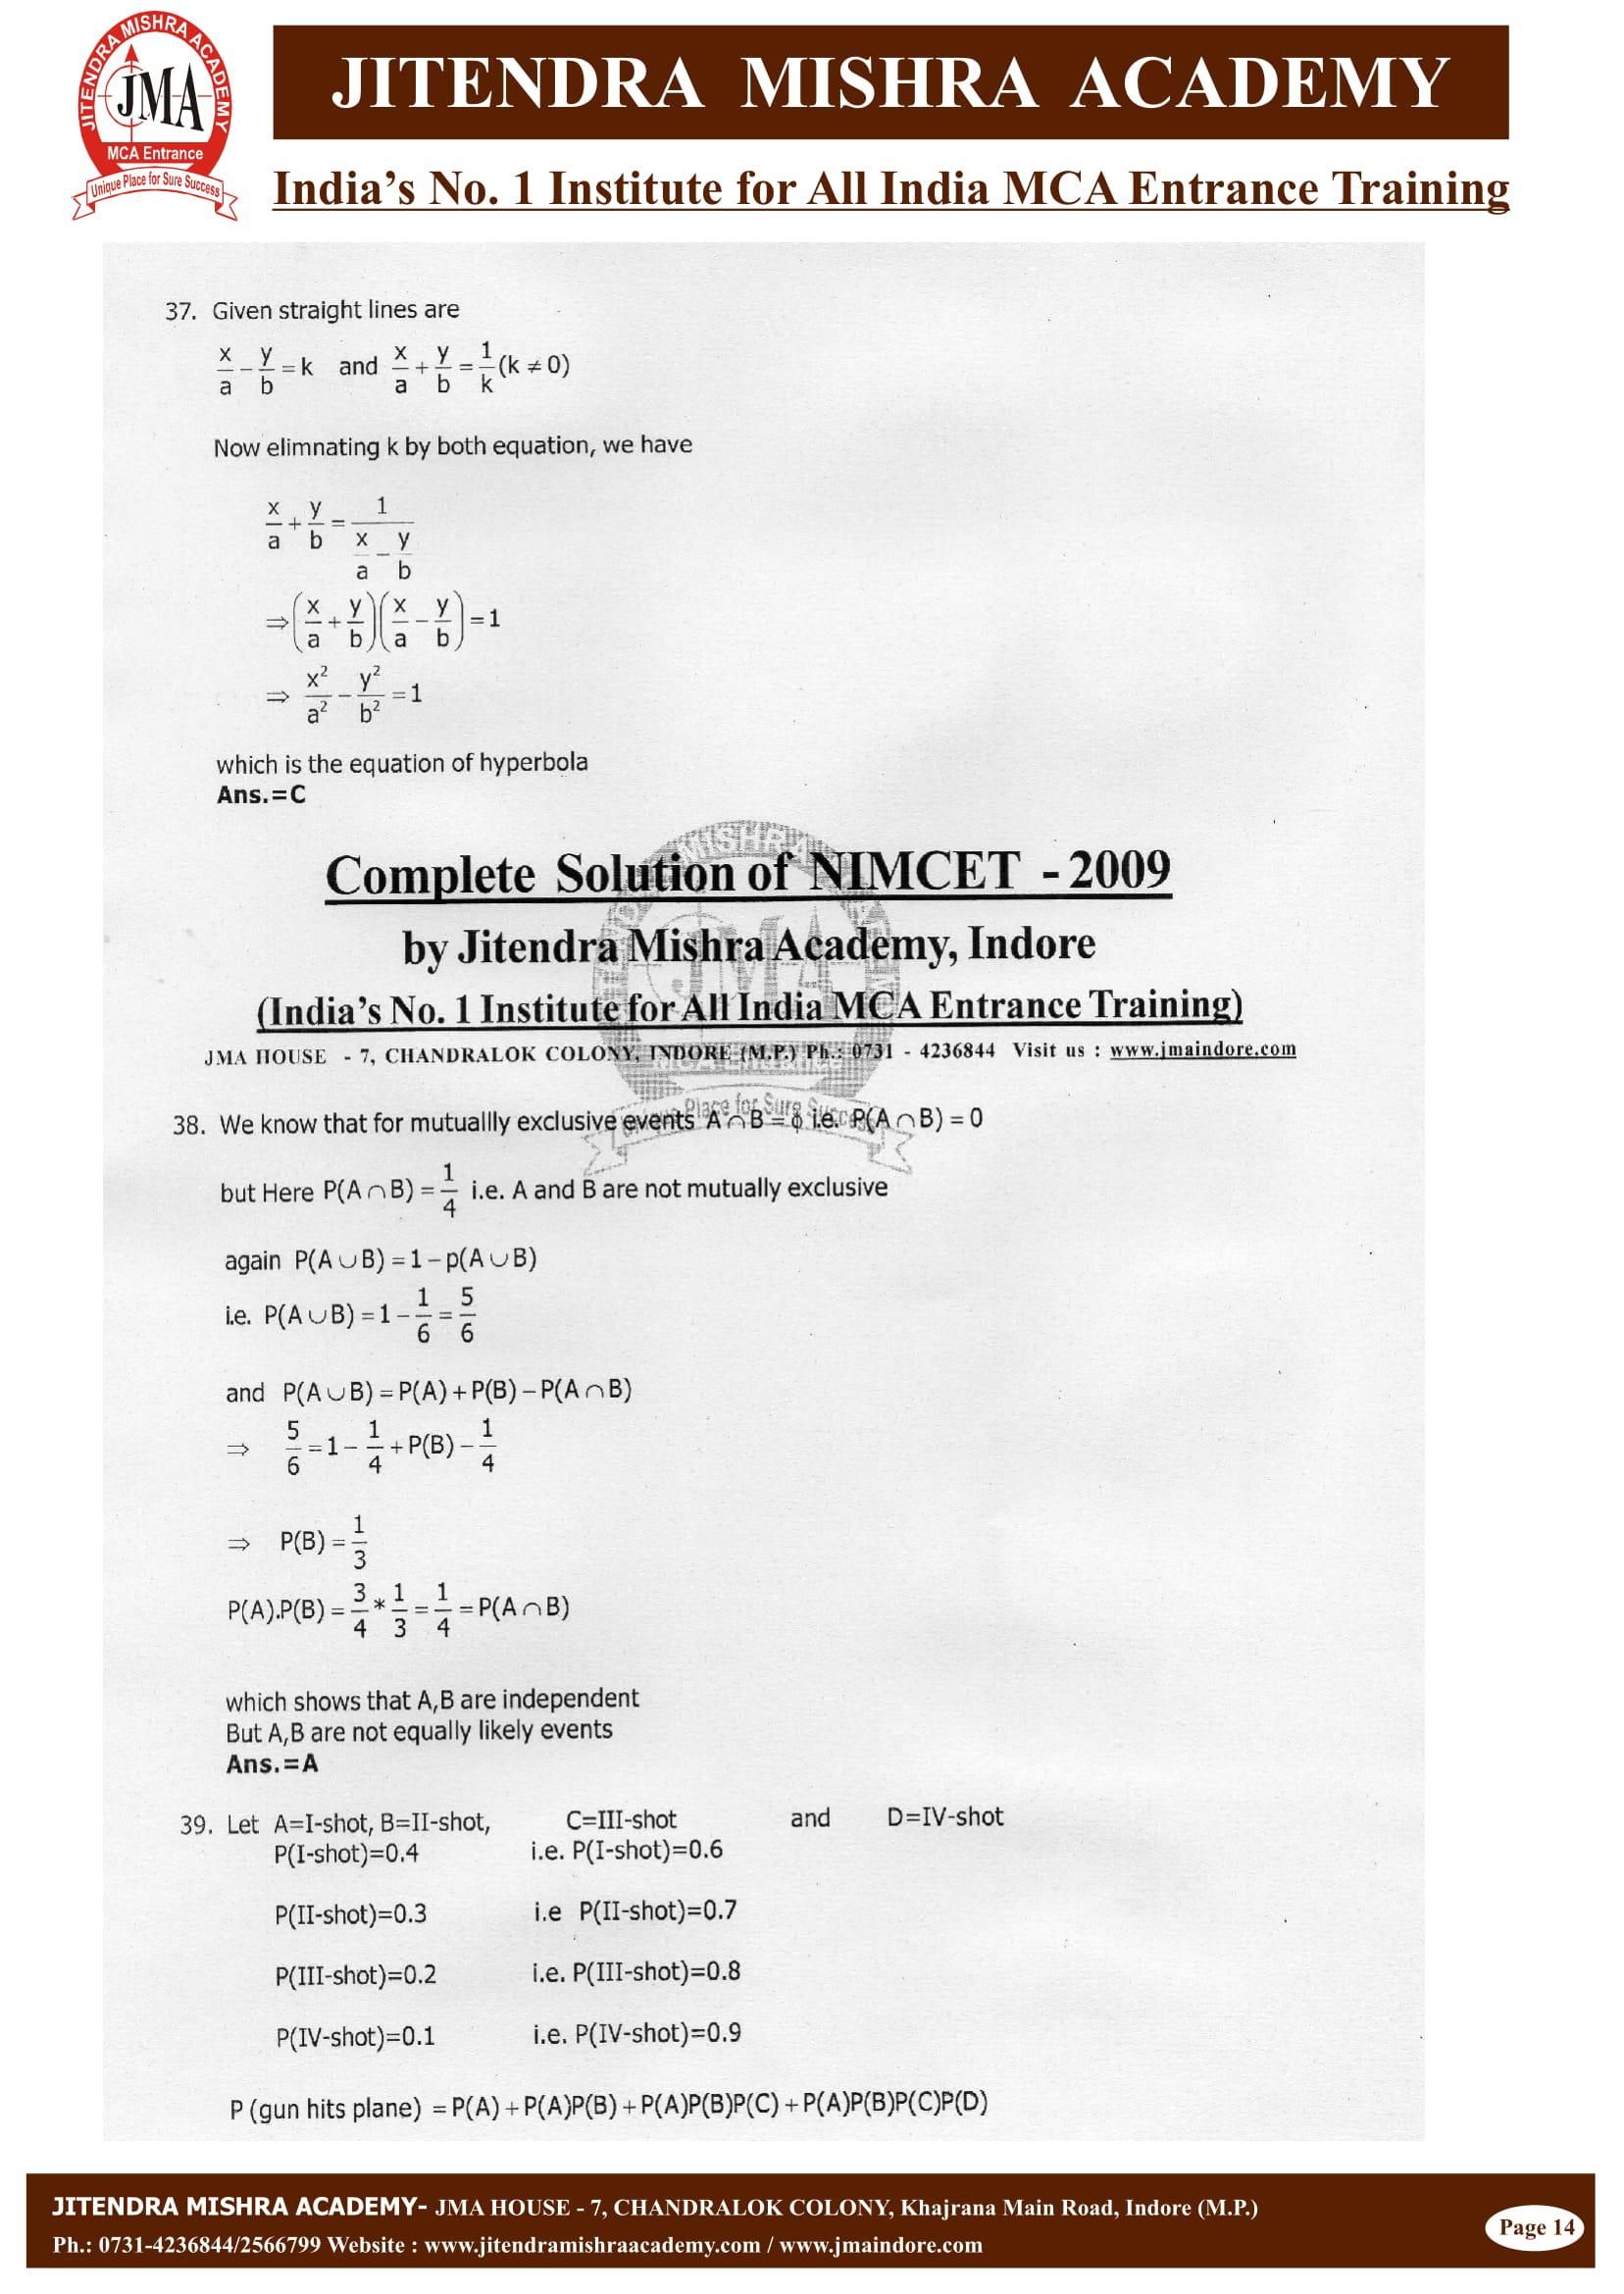 NIMCET - 2009 (SOLUTION)-15